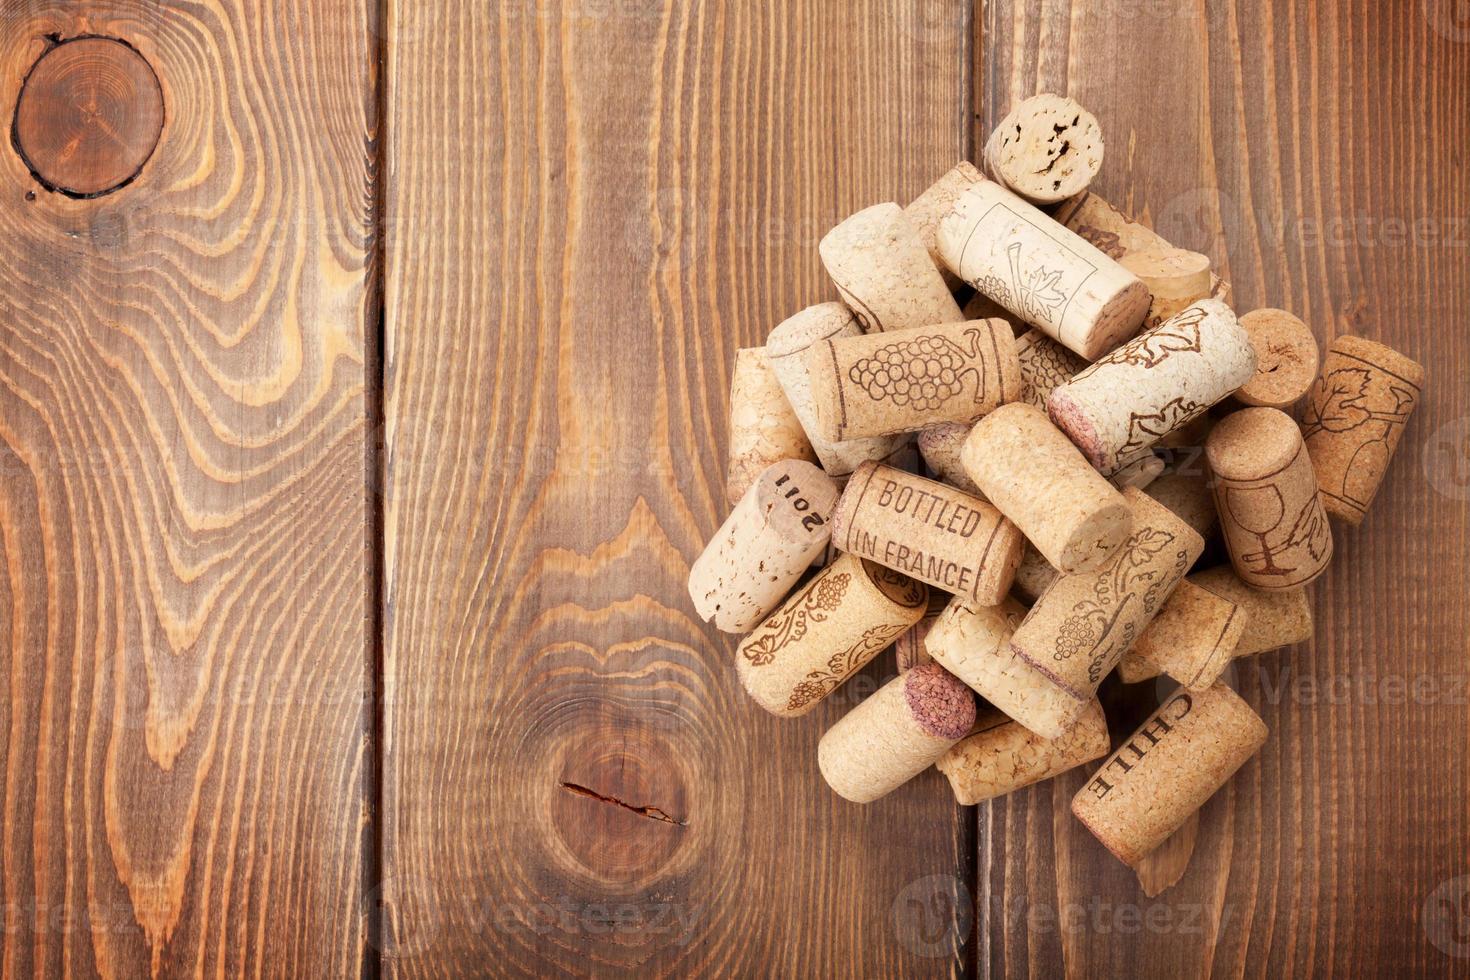 rolhas de vinho empilhadas sobre o fundo da mesa de madeira rústica foto